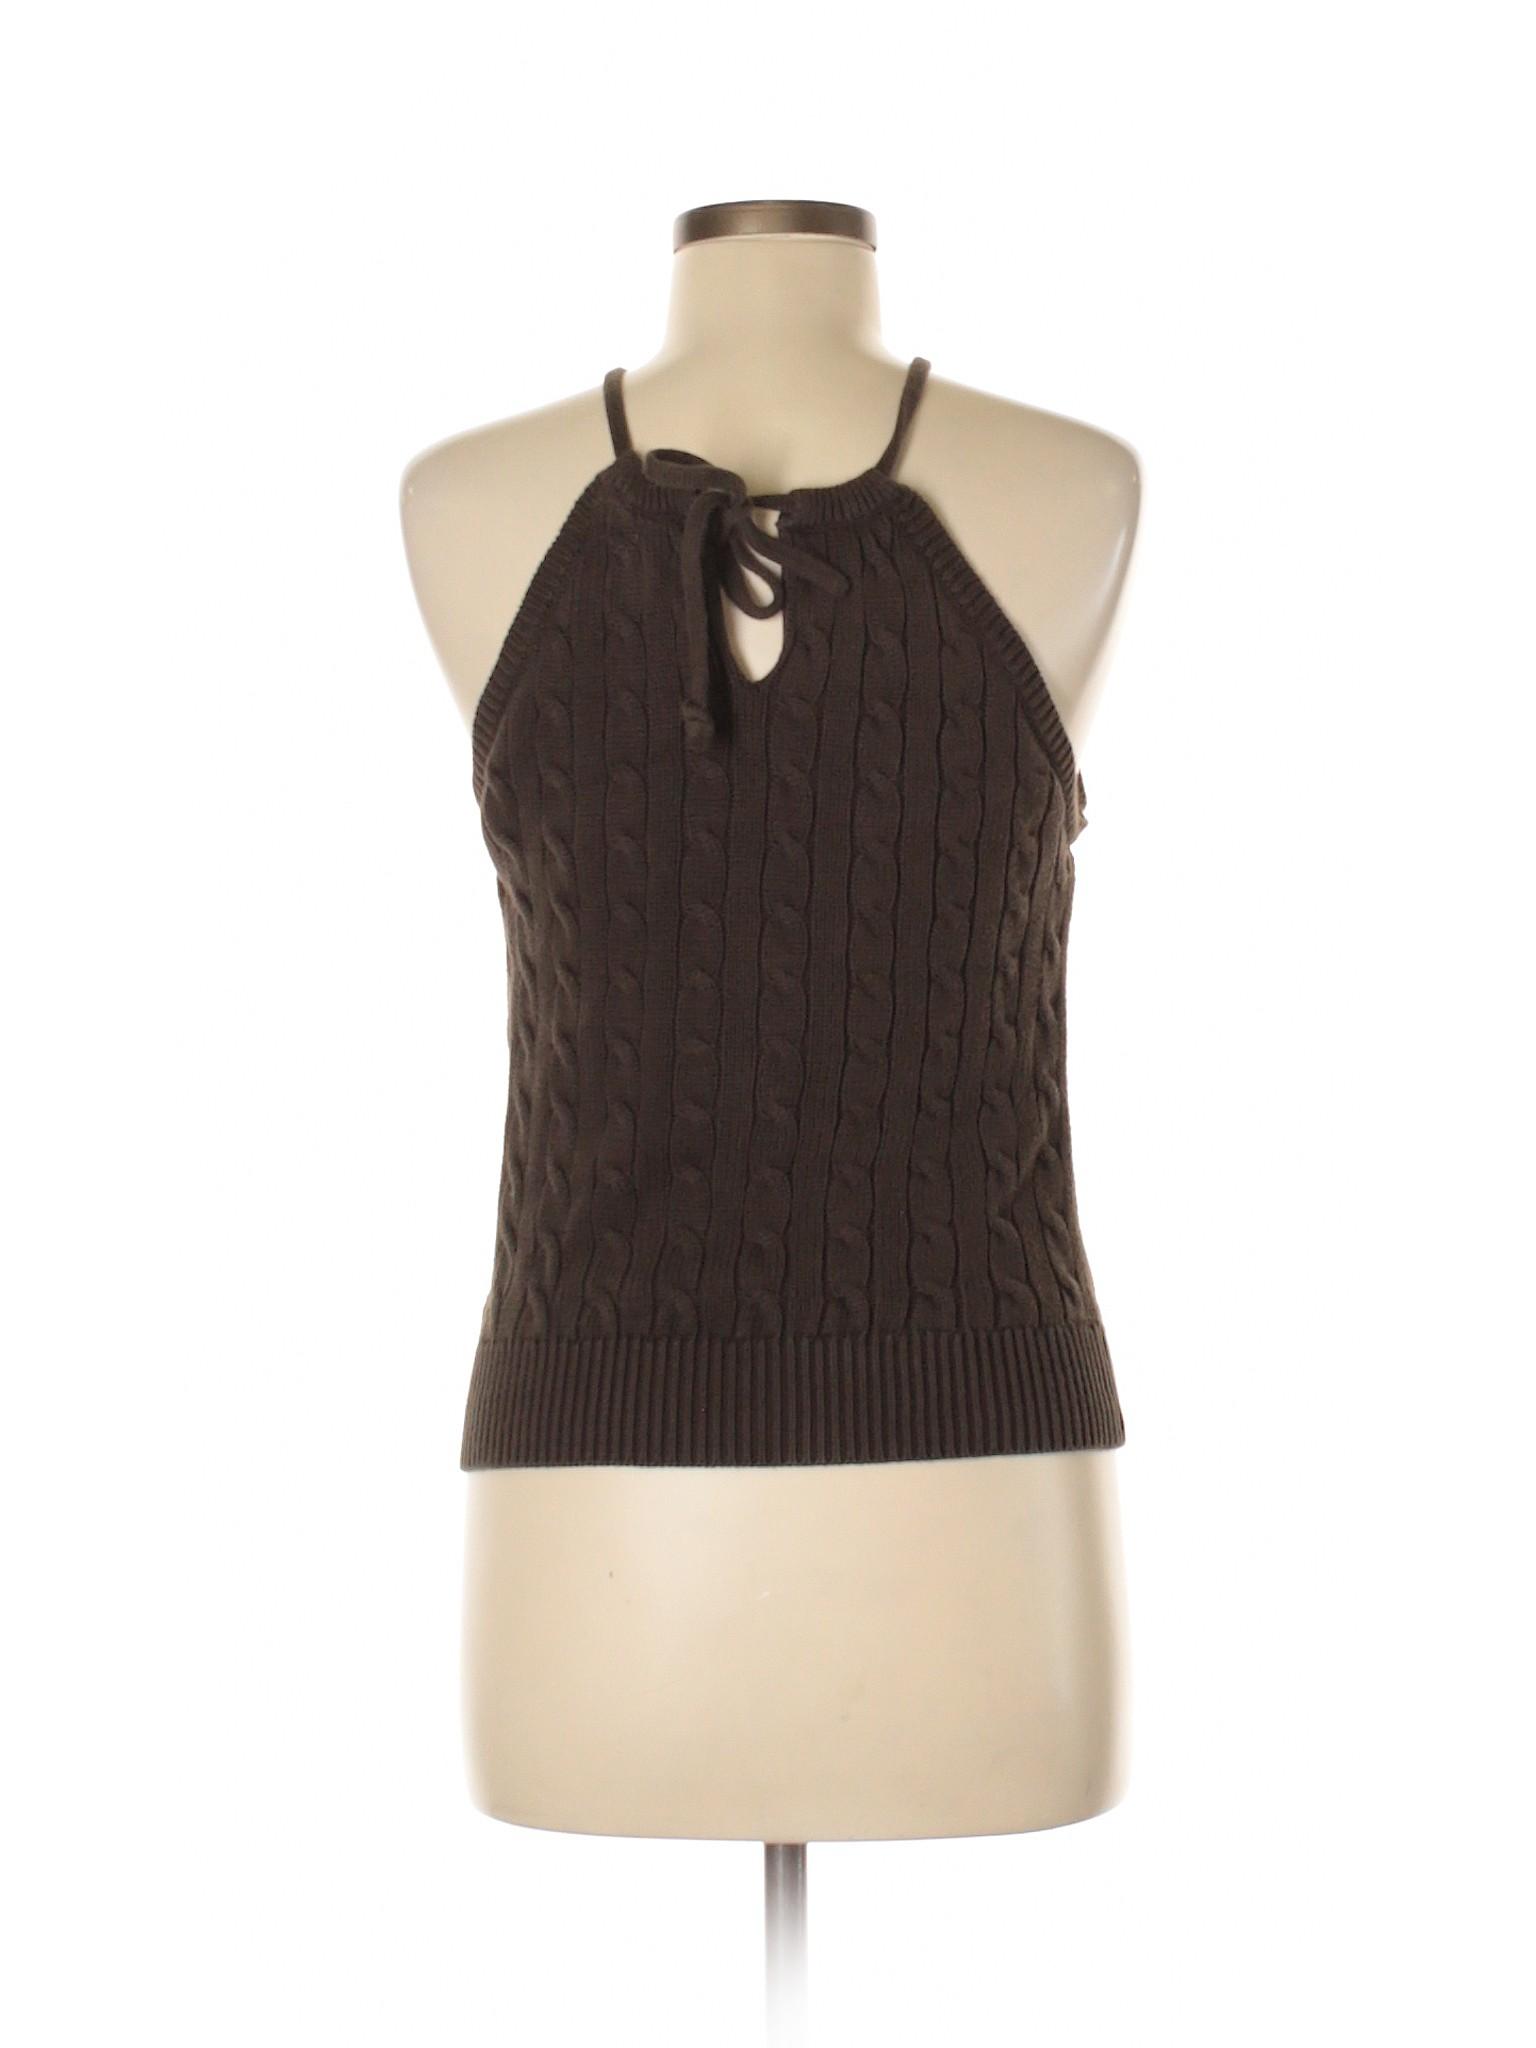 Boutique Ralph Ralph Boutique Lauren Sweater Pullover gqnqdB6R